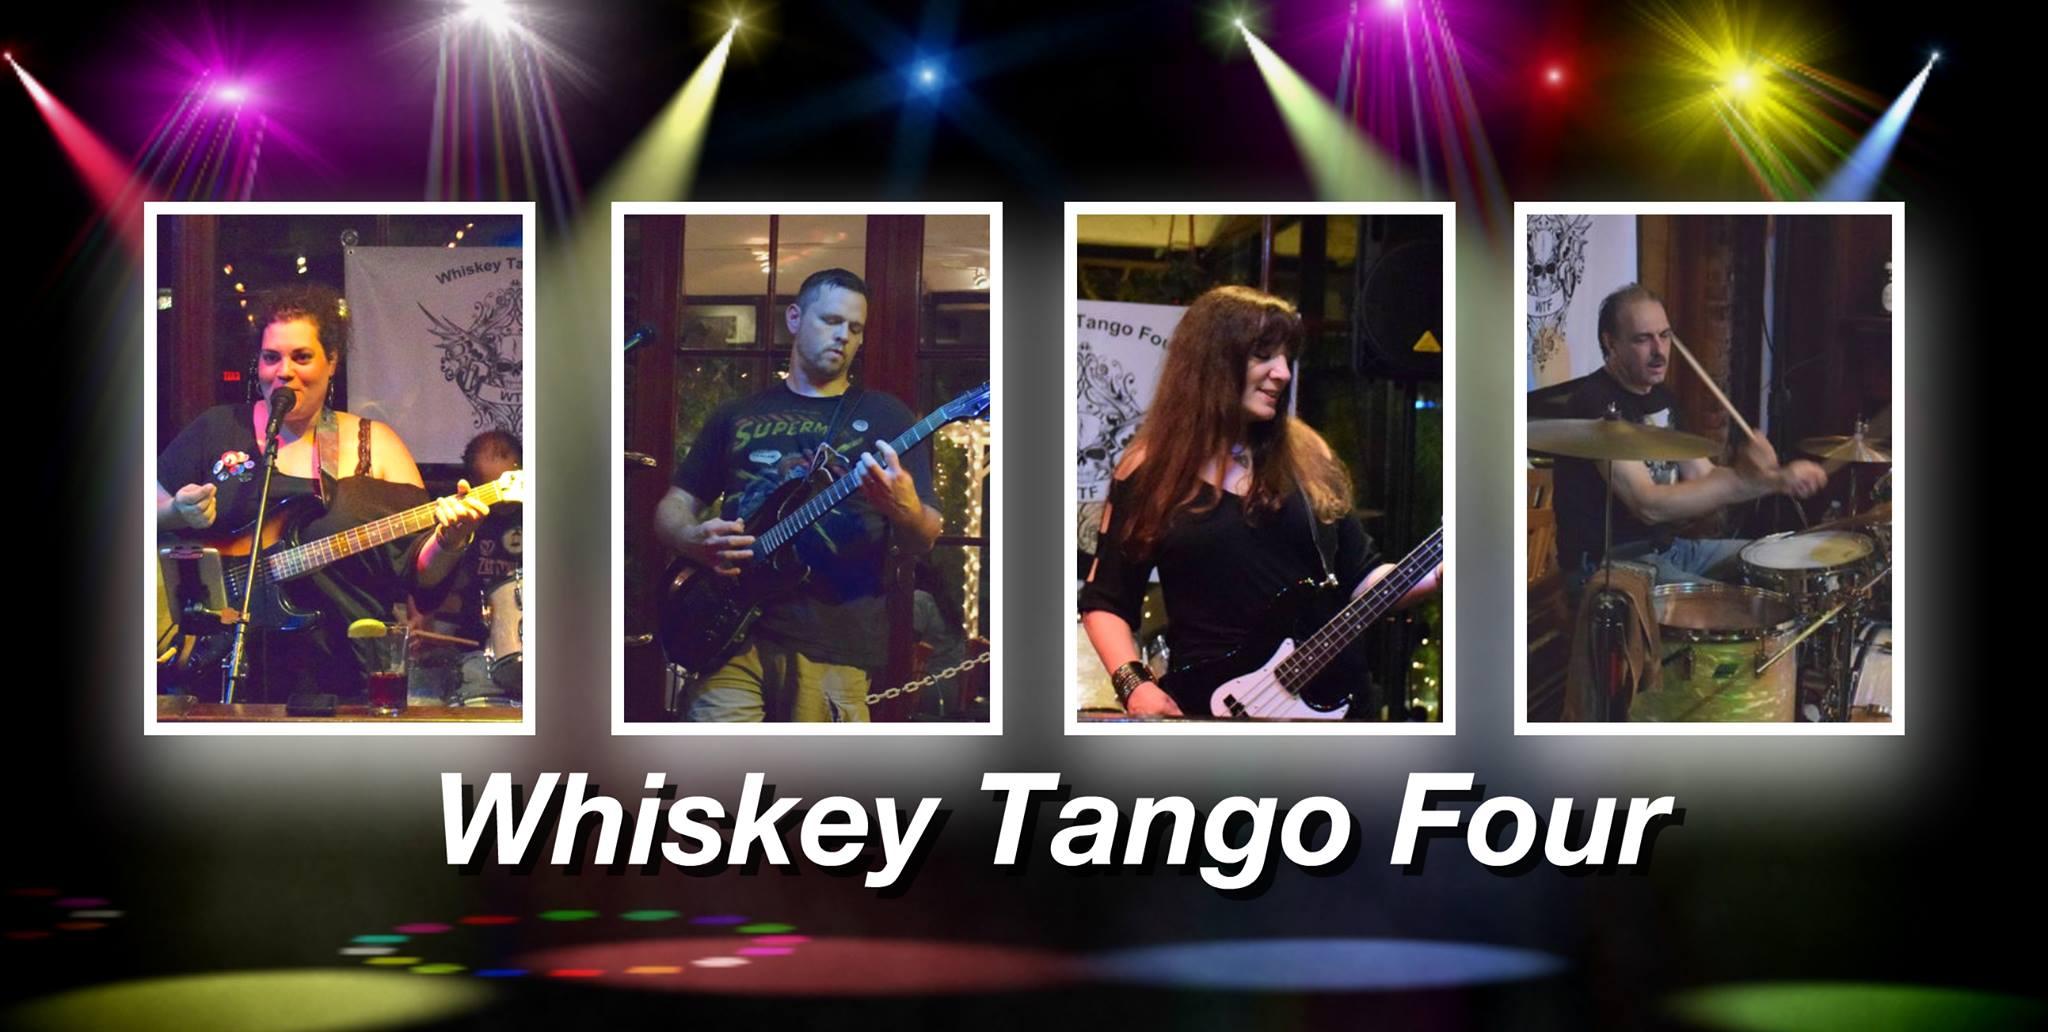 The Whiskey Tango Four band